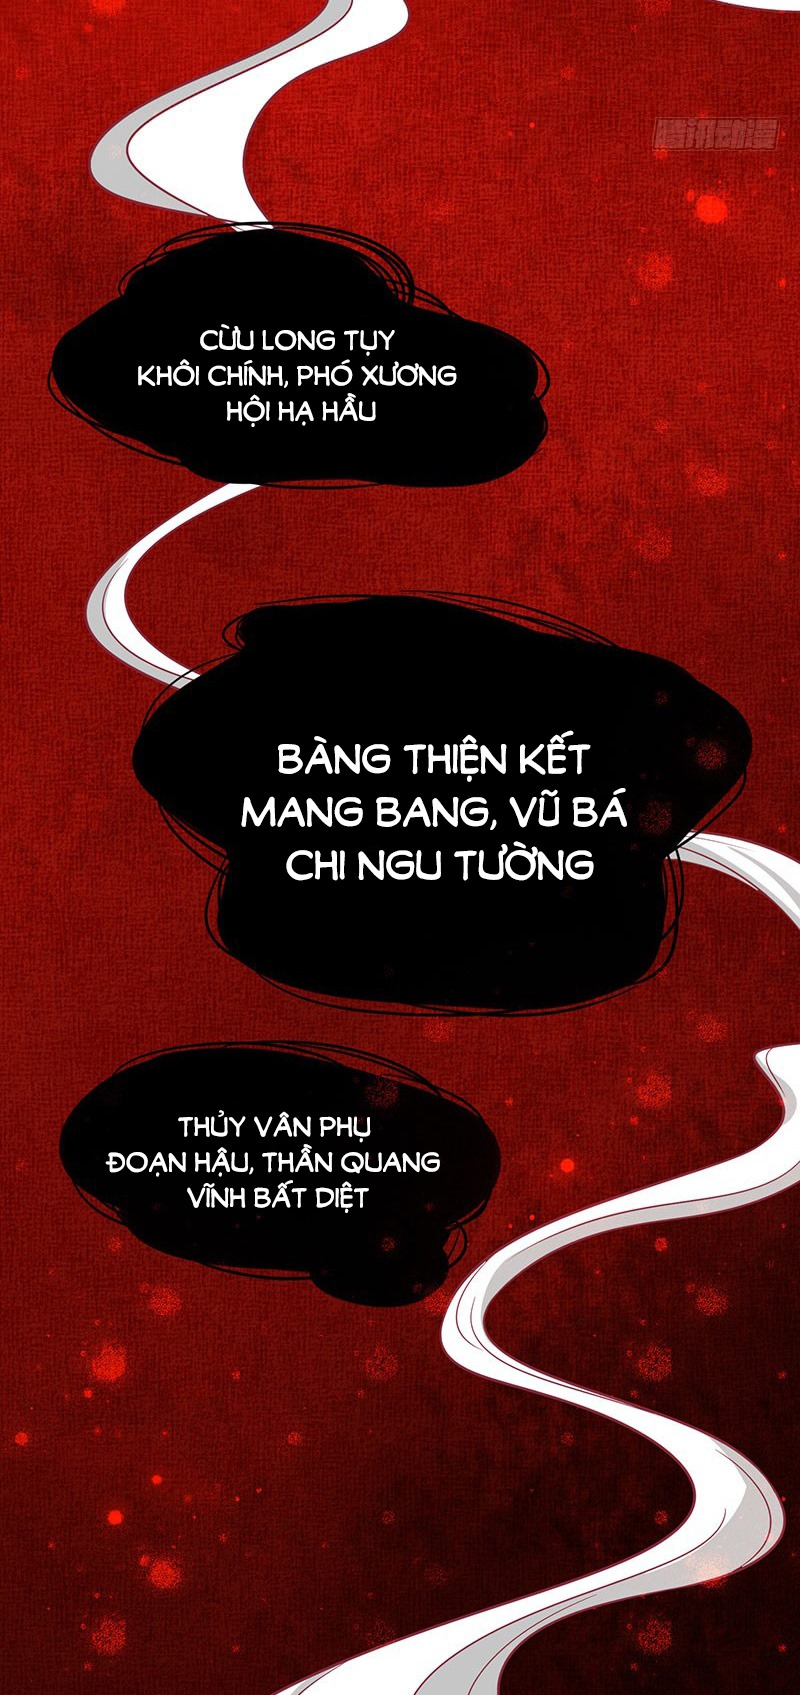 Vương Gia Người Ta Sẽ Giảm Béo Mà!!! chap 70 - Trang 5